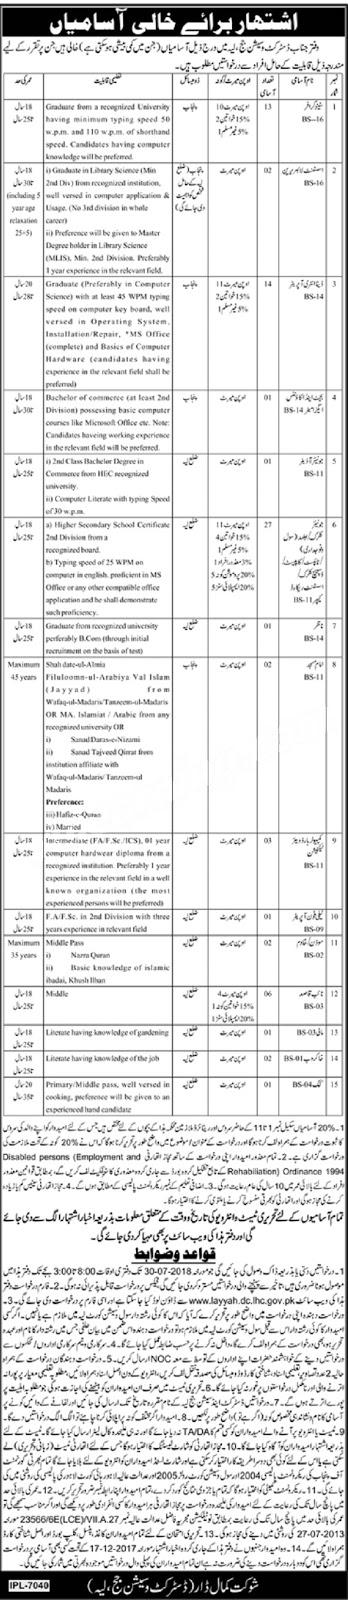 www.layyah.dc.lhc.gov.pk form